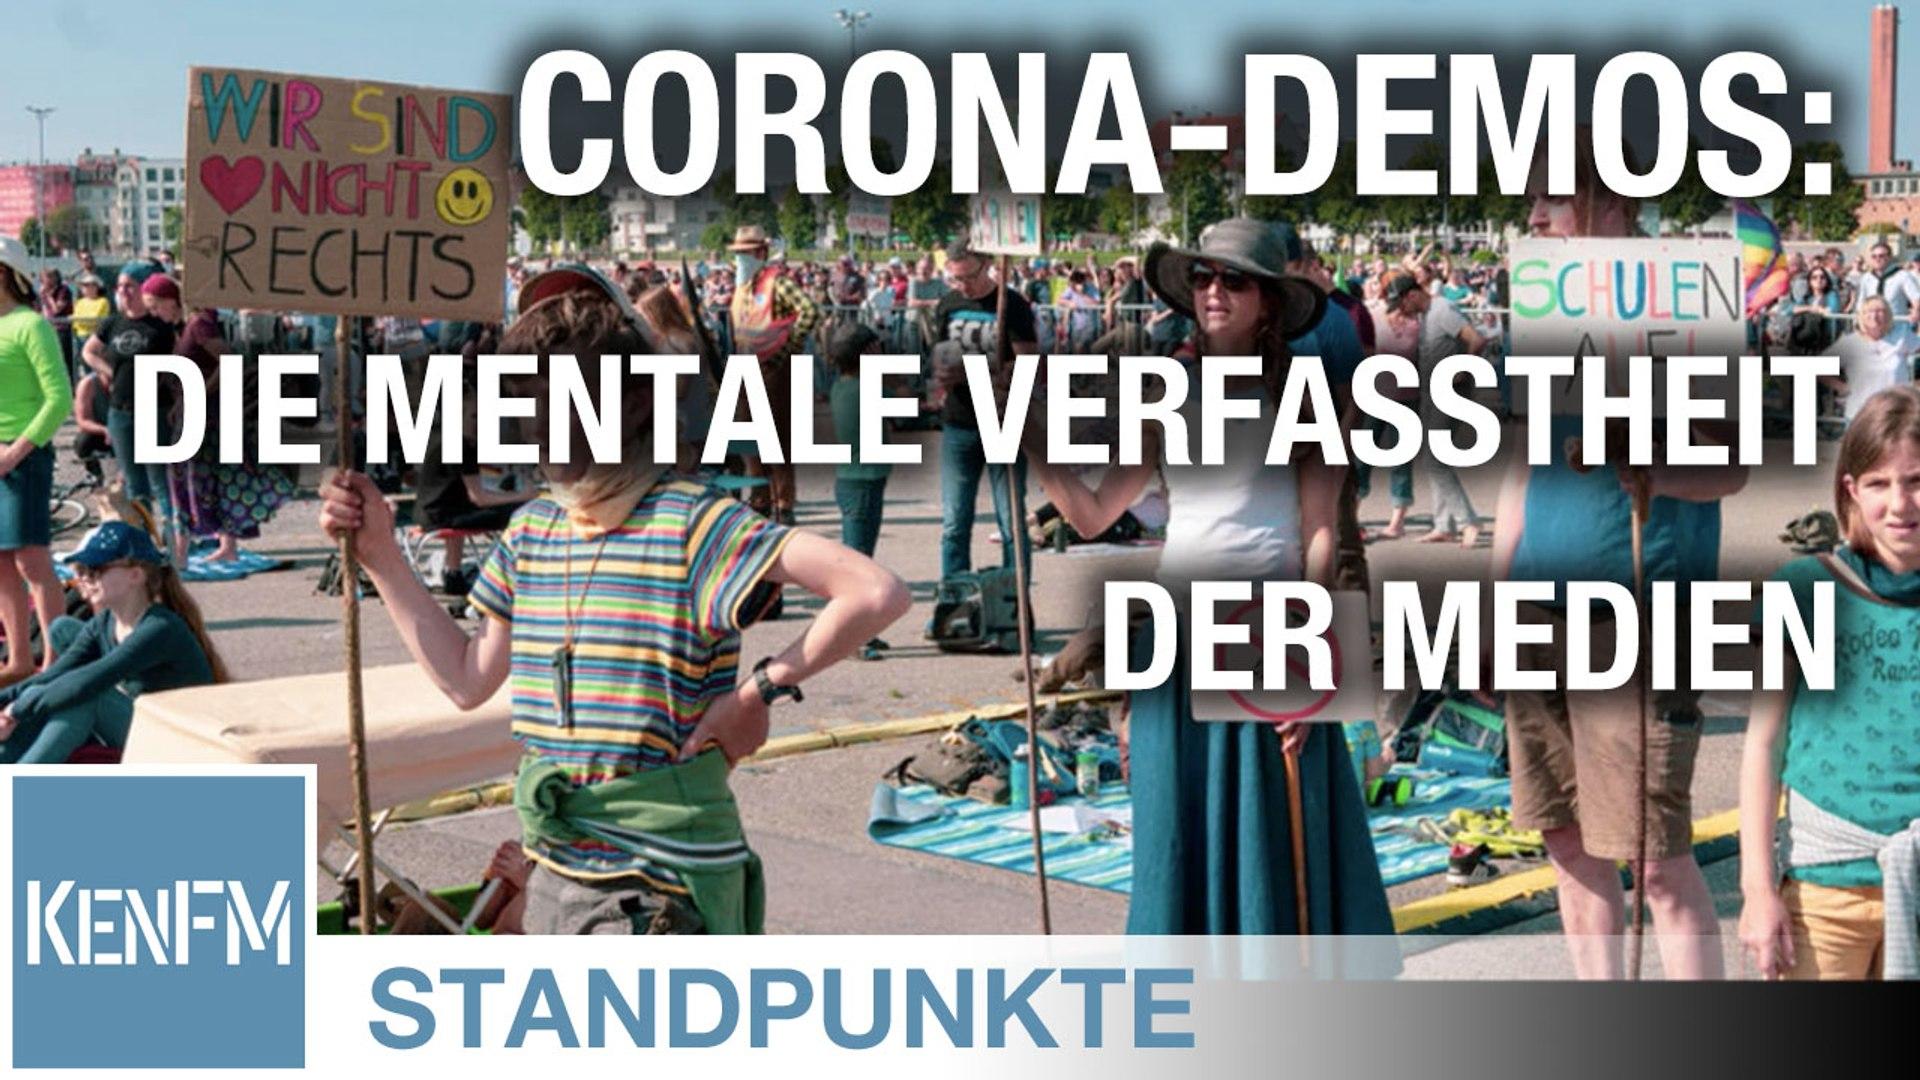 STANDPUNKTE • Corona-Demos: Ein Blick auf die mentale Verfasstheit der Medien